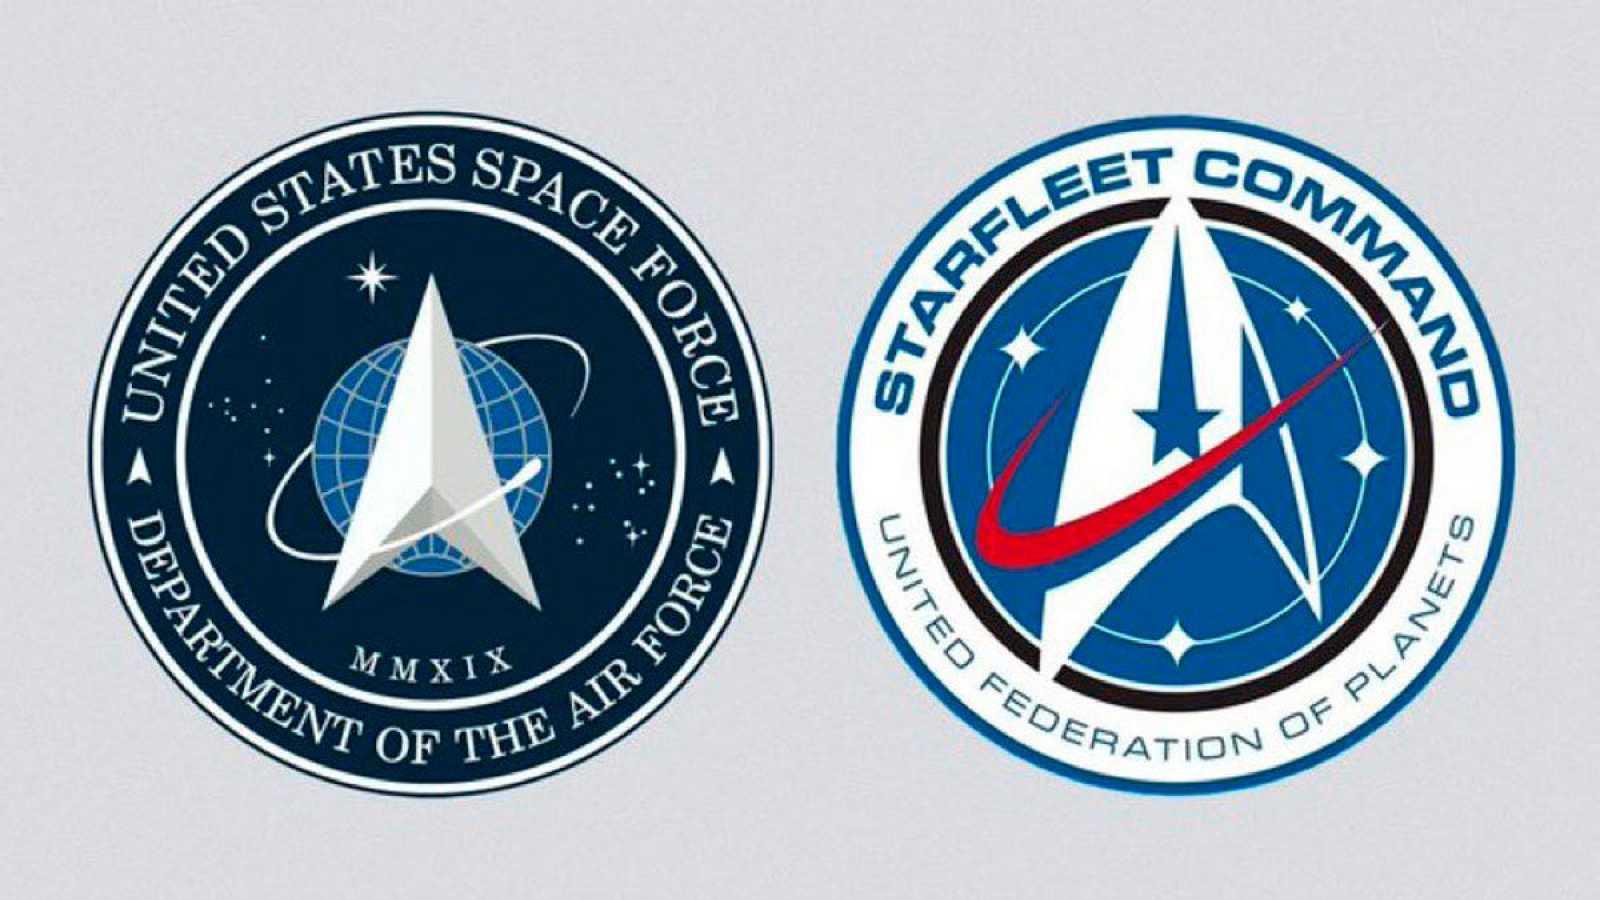 El logo de las Fuerzas Espaciales de Estados Unidos (i) y el de la Flota Estelar de 'Star Trek' (d).